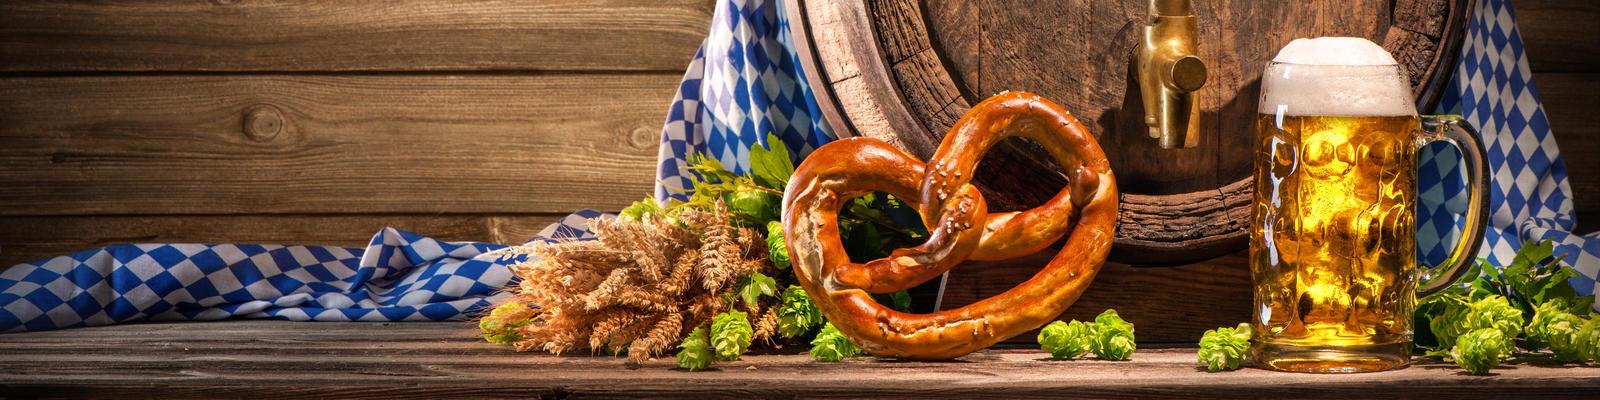 Oktoberfest River Cruise Tips (Photo: Alexander Raths/Shutterstock.com)